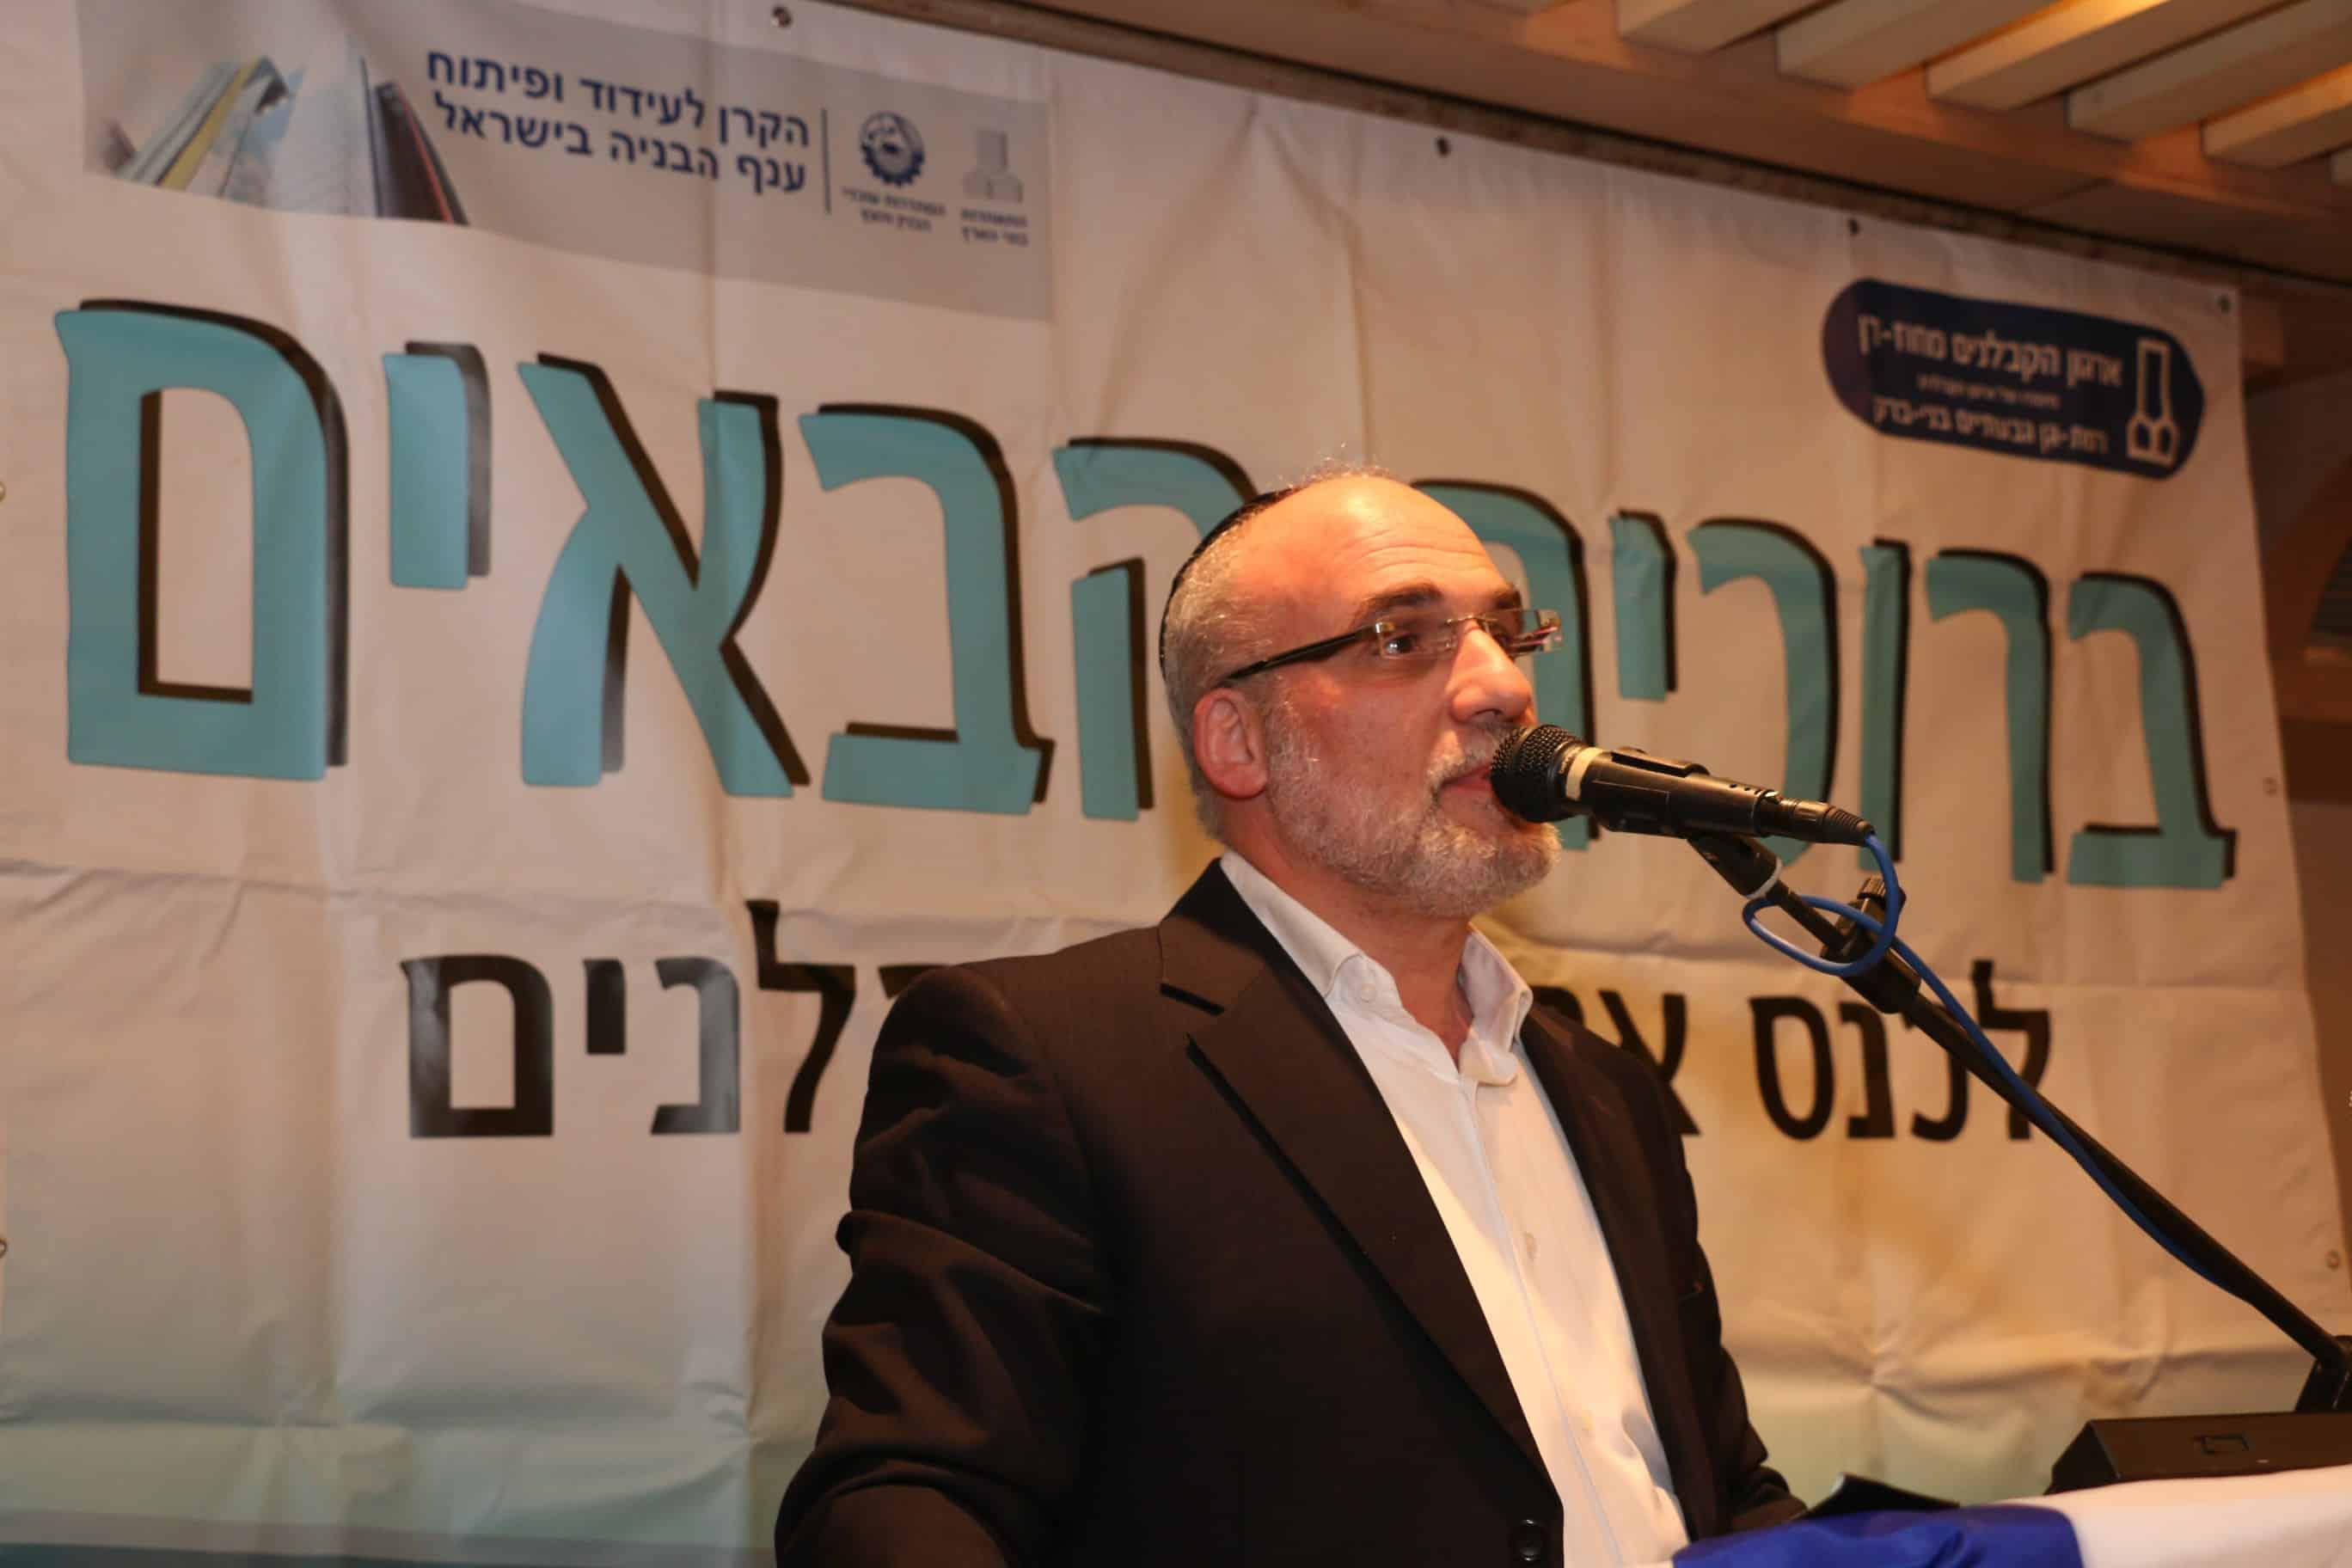 """יו""""ר ארגון קבלני מחוז דן אברהם להב, צילום: דוד סרנוב"""